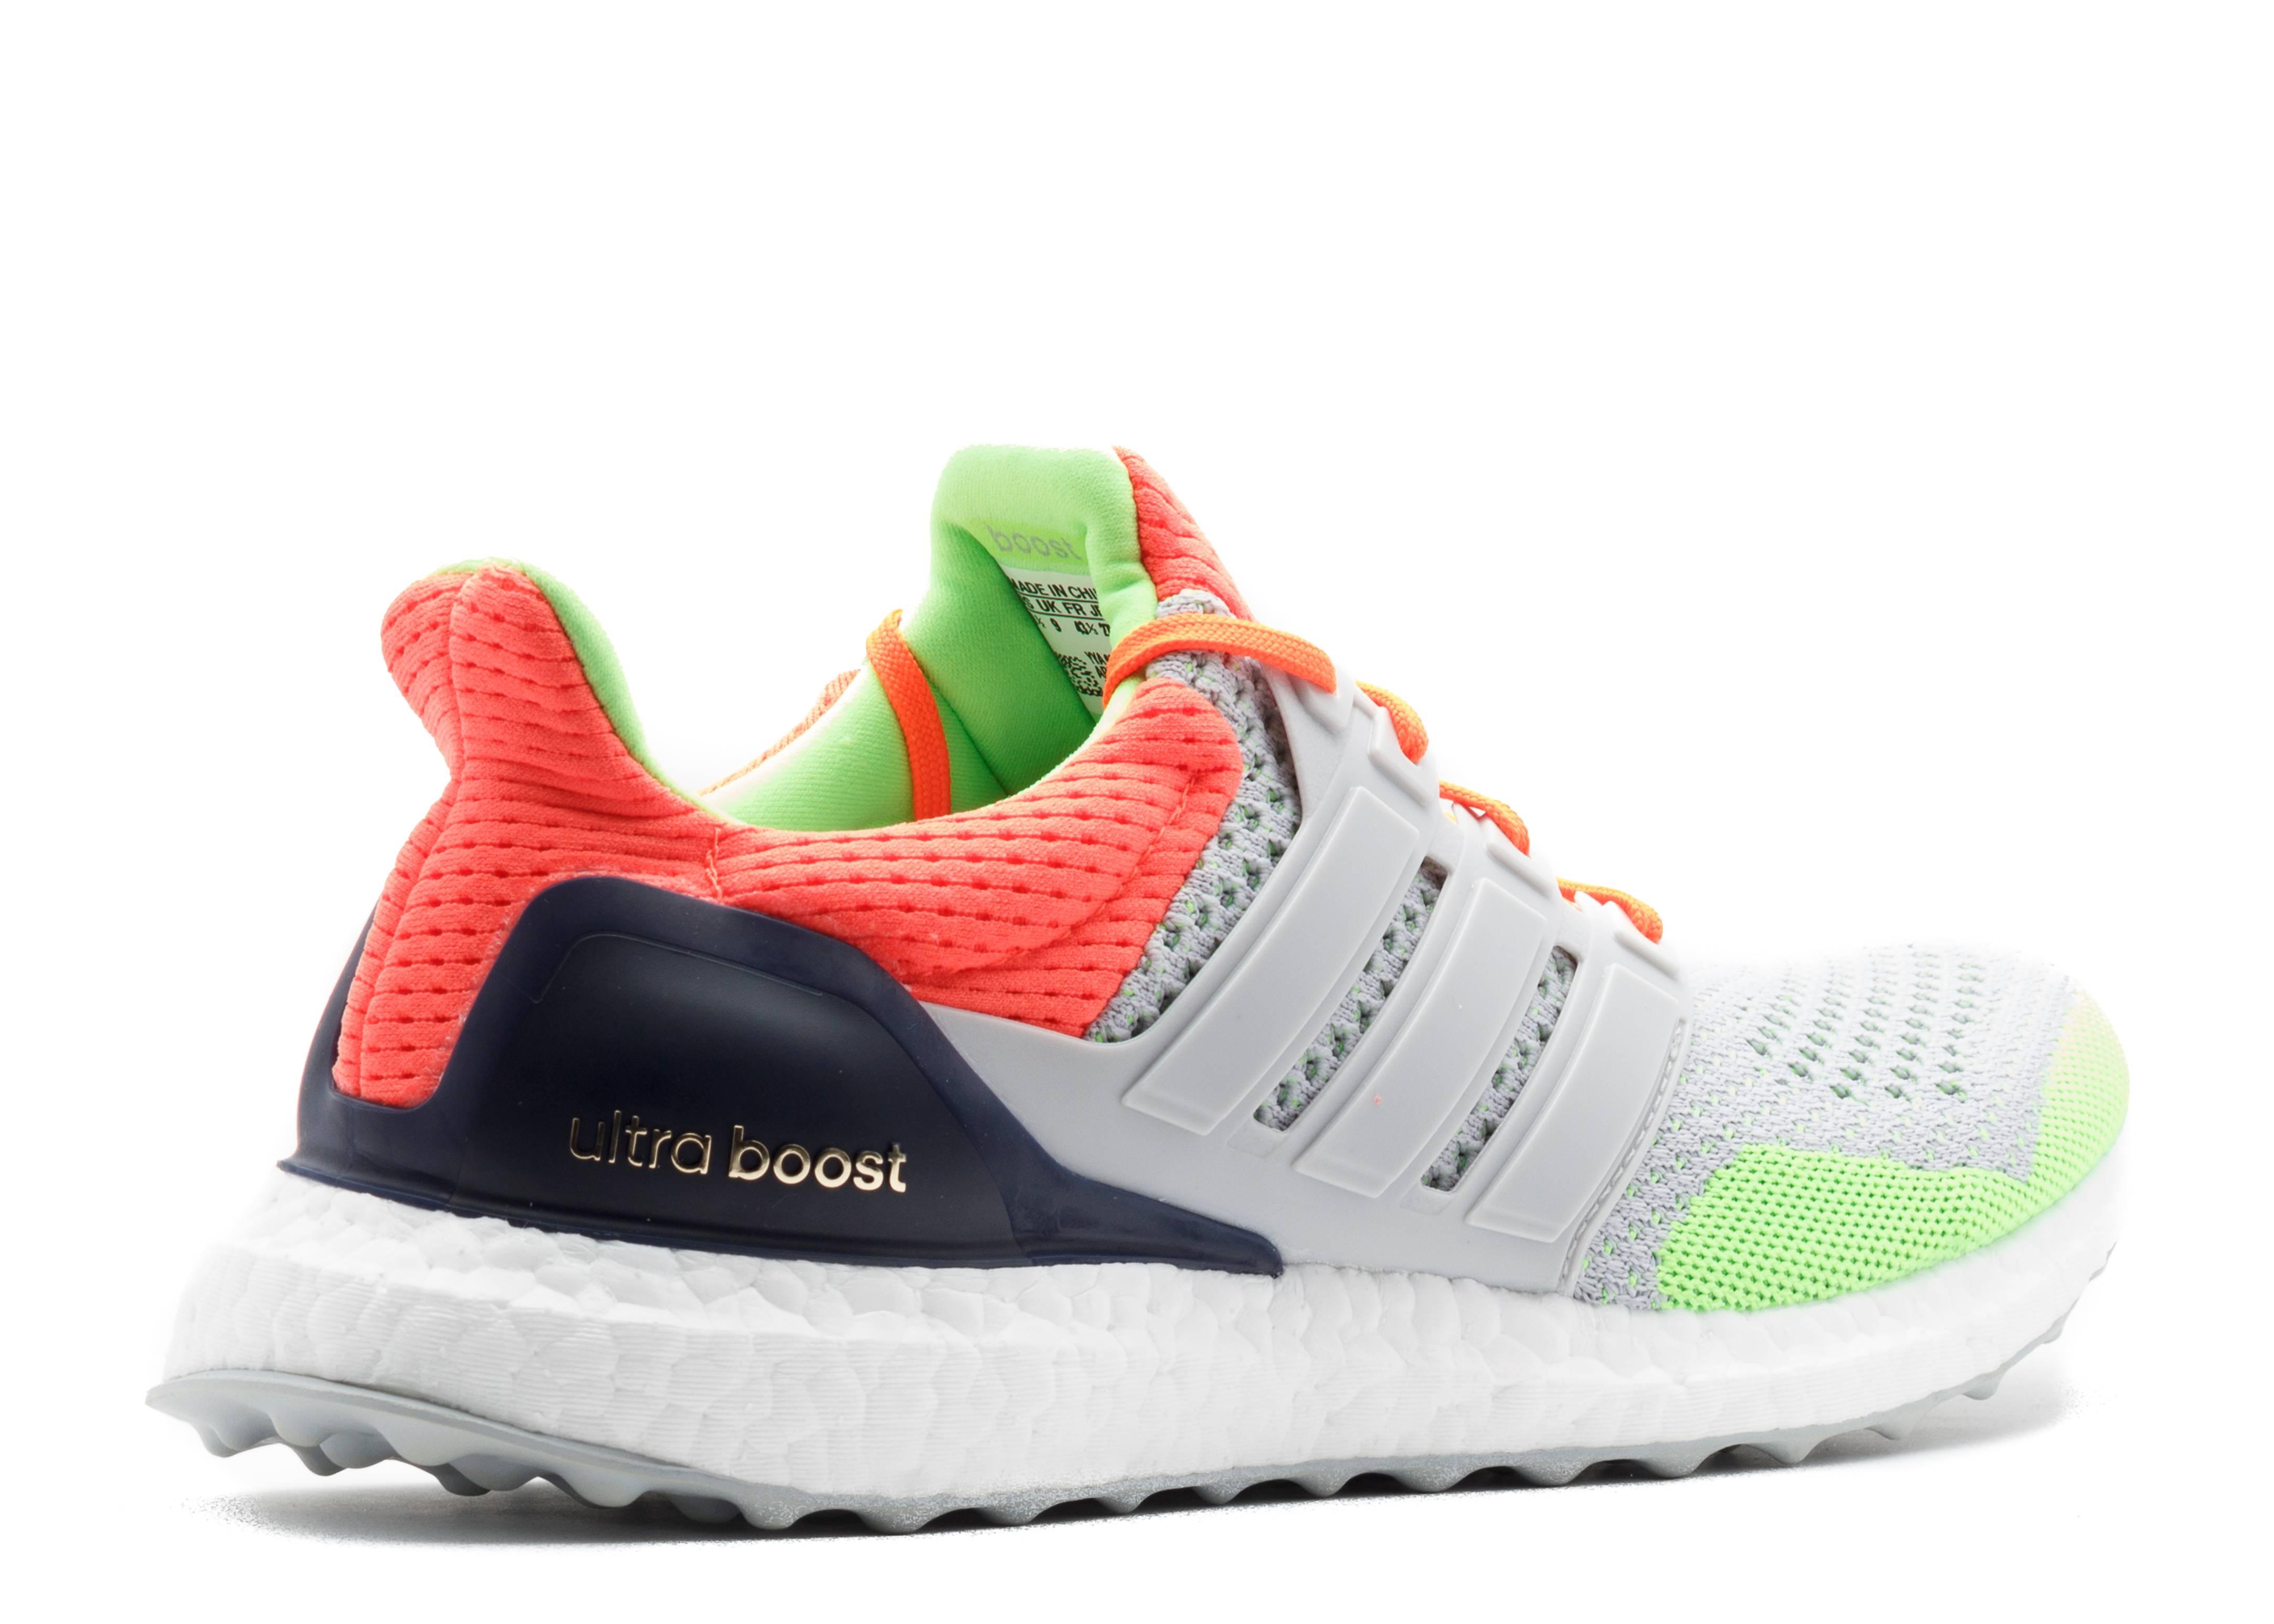 64320c03d Ultra Boost Kolor - Adidas - af6219 - solar orange grey